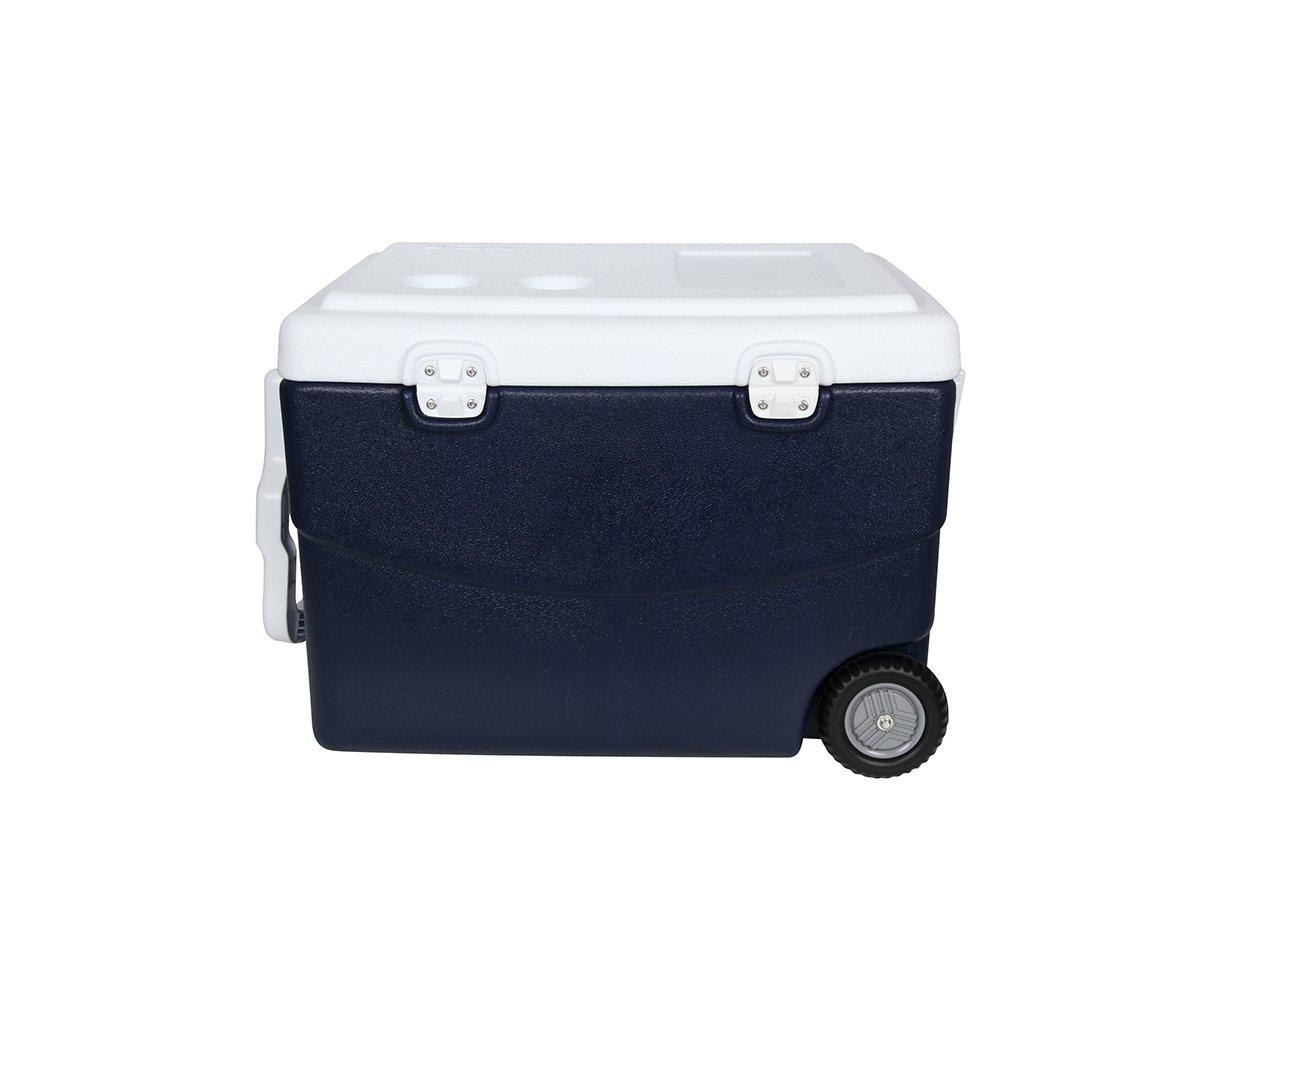 Caixa Térmica Glacial 70 Litros Azul Ref. 25108151 - Mor